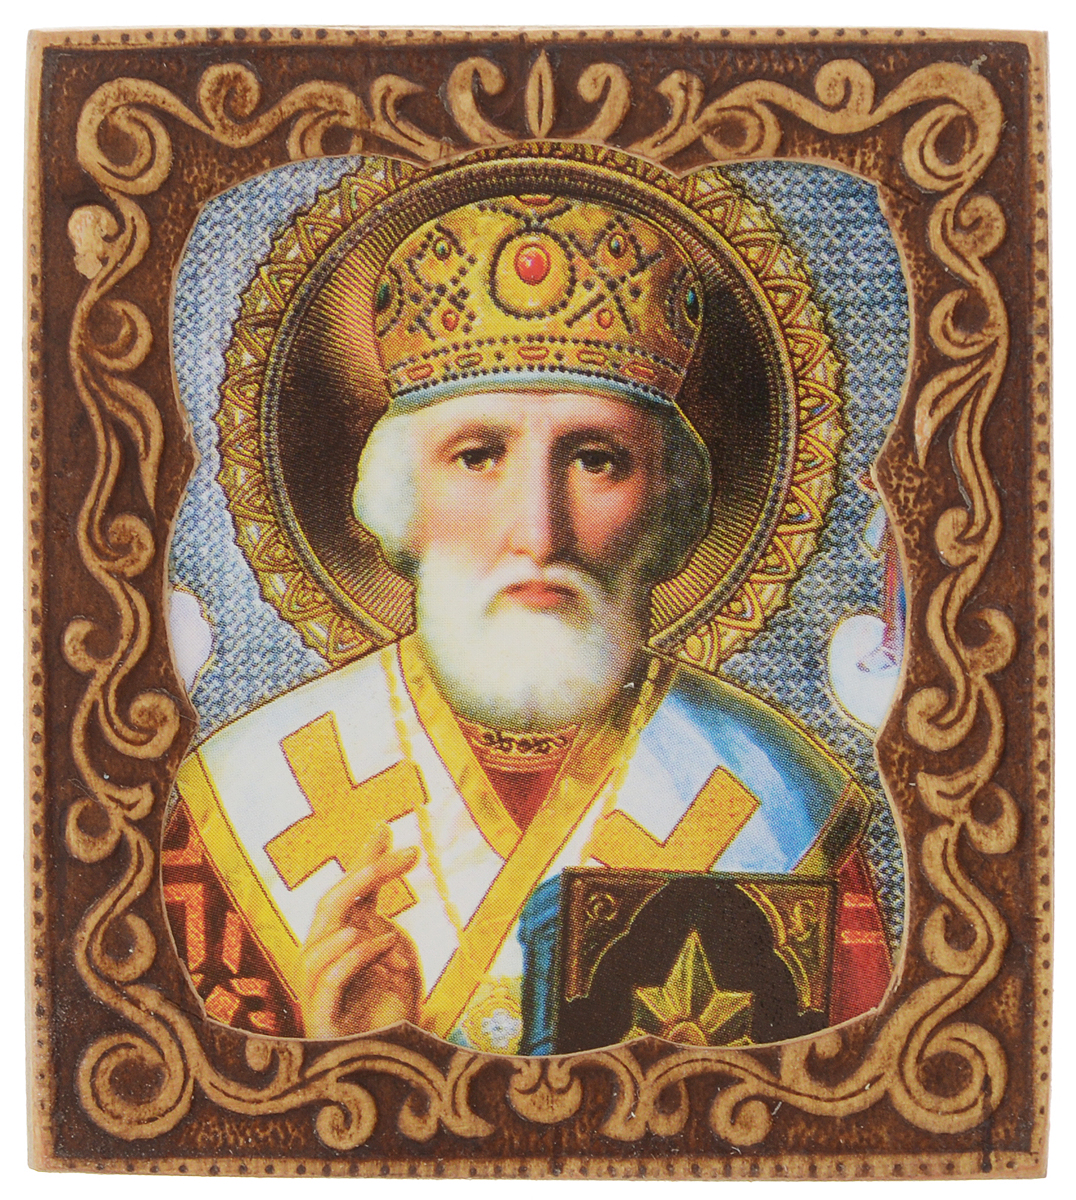 Икона Sima-land Святой Николай Чудотворец, 6 х 6,5 смHL-777A43Икона Sima-land Святой Николай Чудотворец изготовлена из бересты. Легкая и миниатюрная, такая икона будет прекрасным подарком с духовной составляющей.